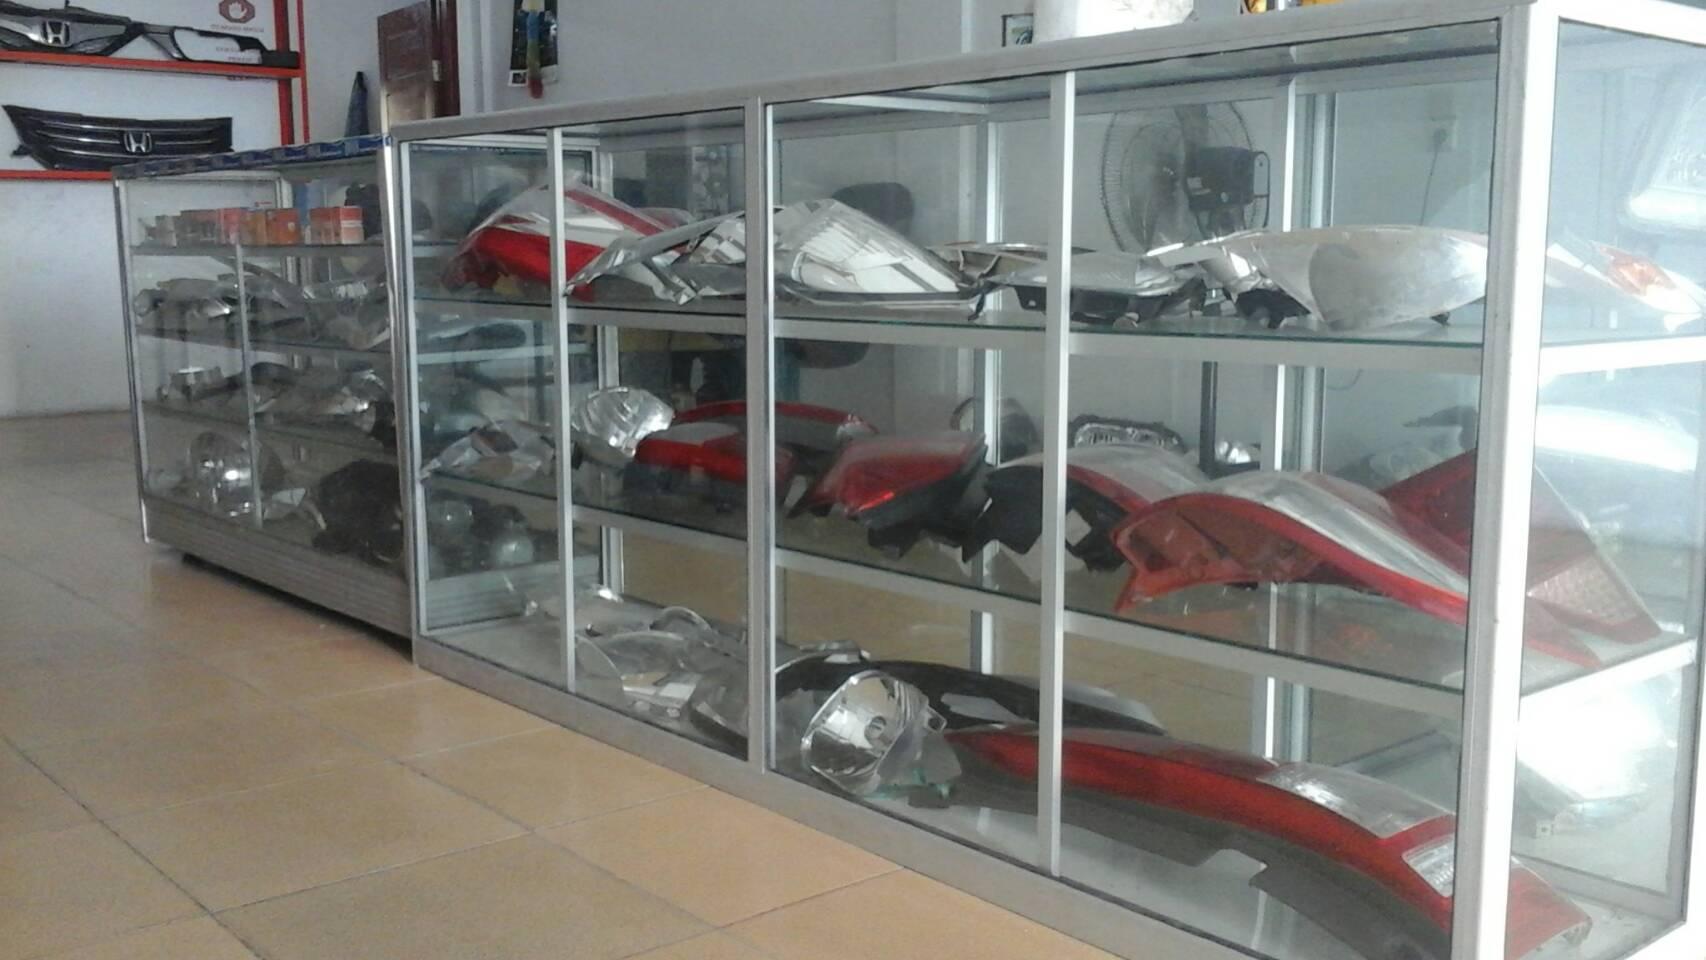 4752 - Padang motor - Salon Lampu Padang Motor